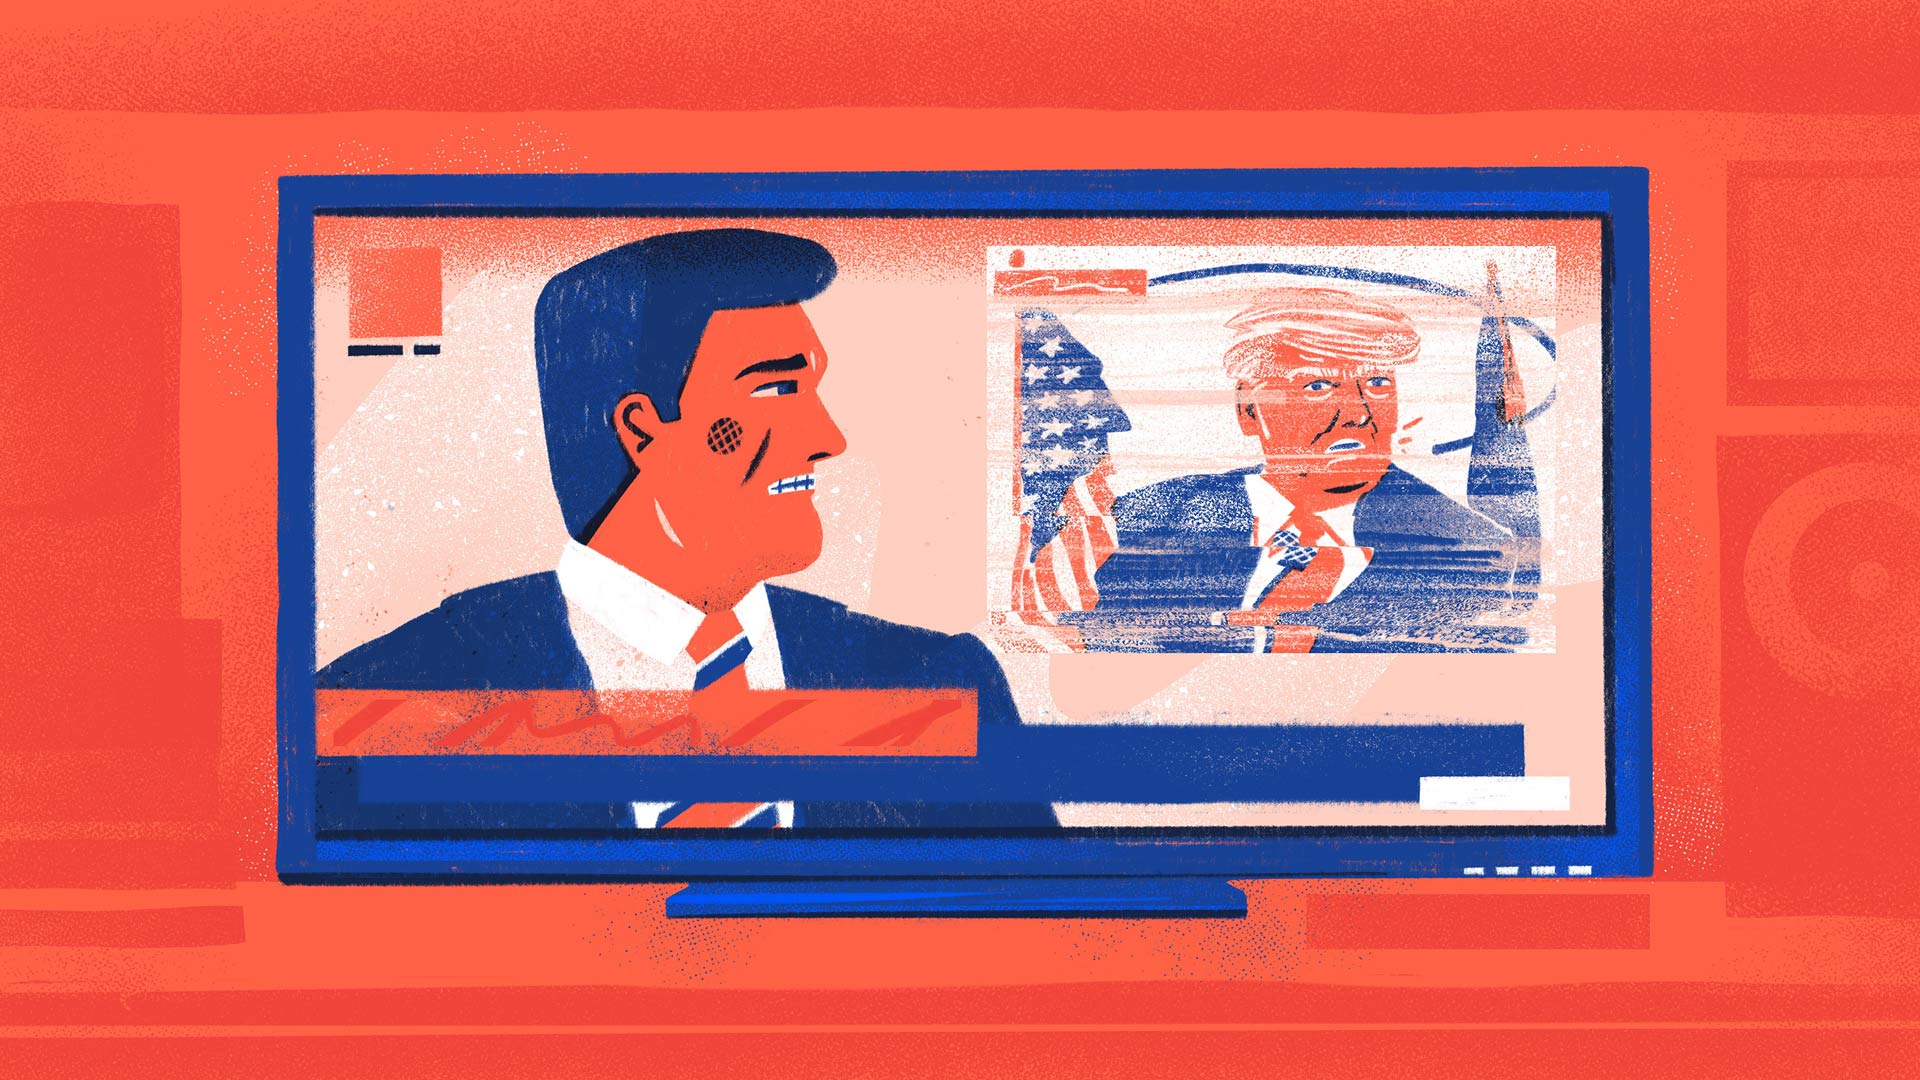 Elecciones-USA-_SilvioWaisbord_01_port